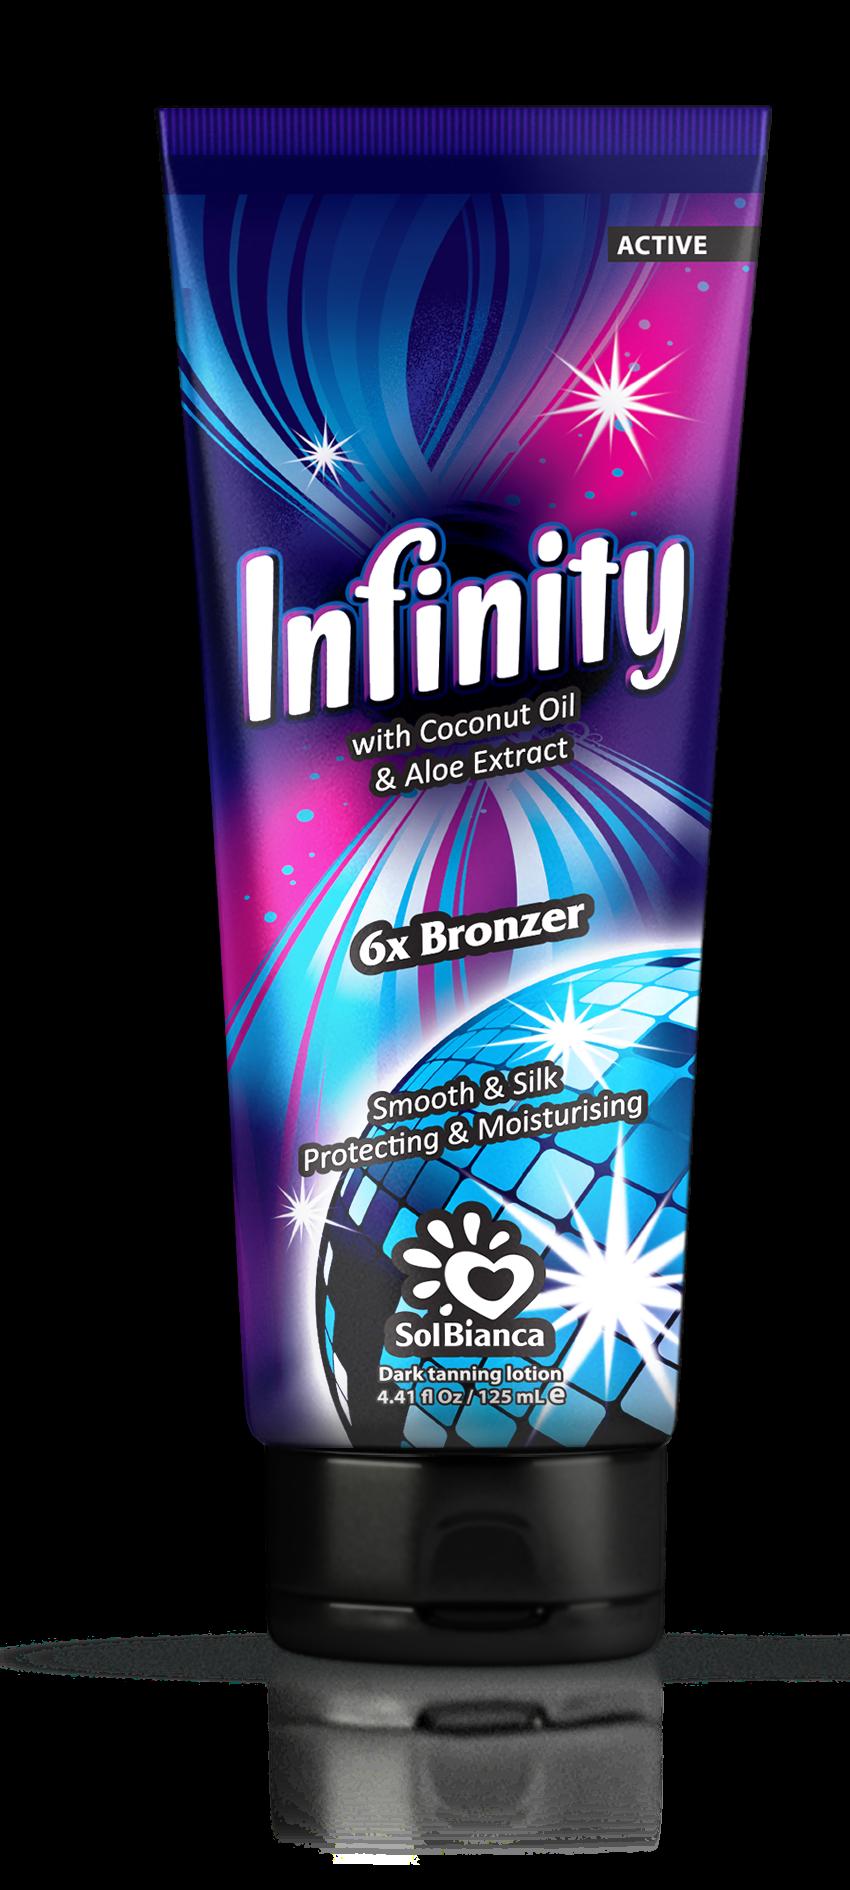 SOLBIANCA Крем для загара в солярии  Infinity  с маслом кокоса, экстрактом алоэ и бронзаторами 125 мл